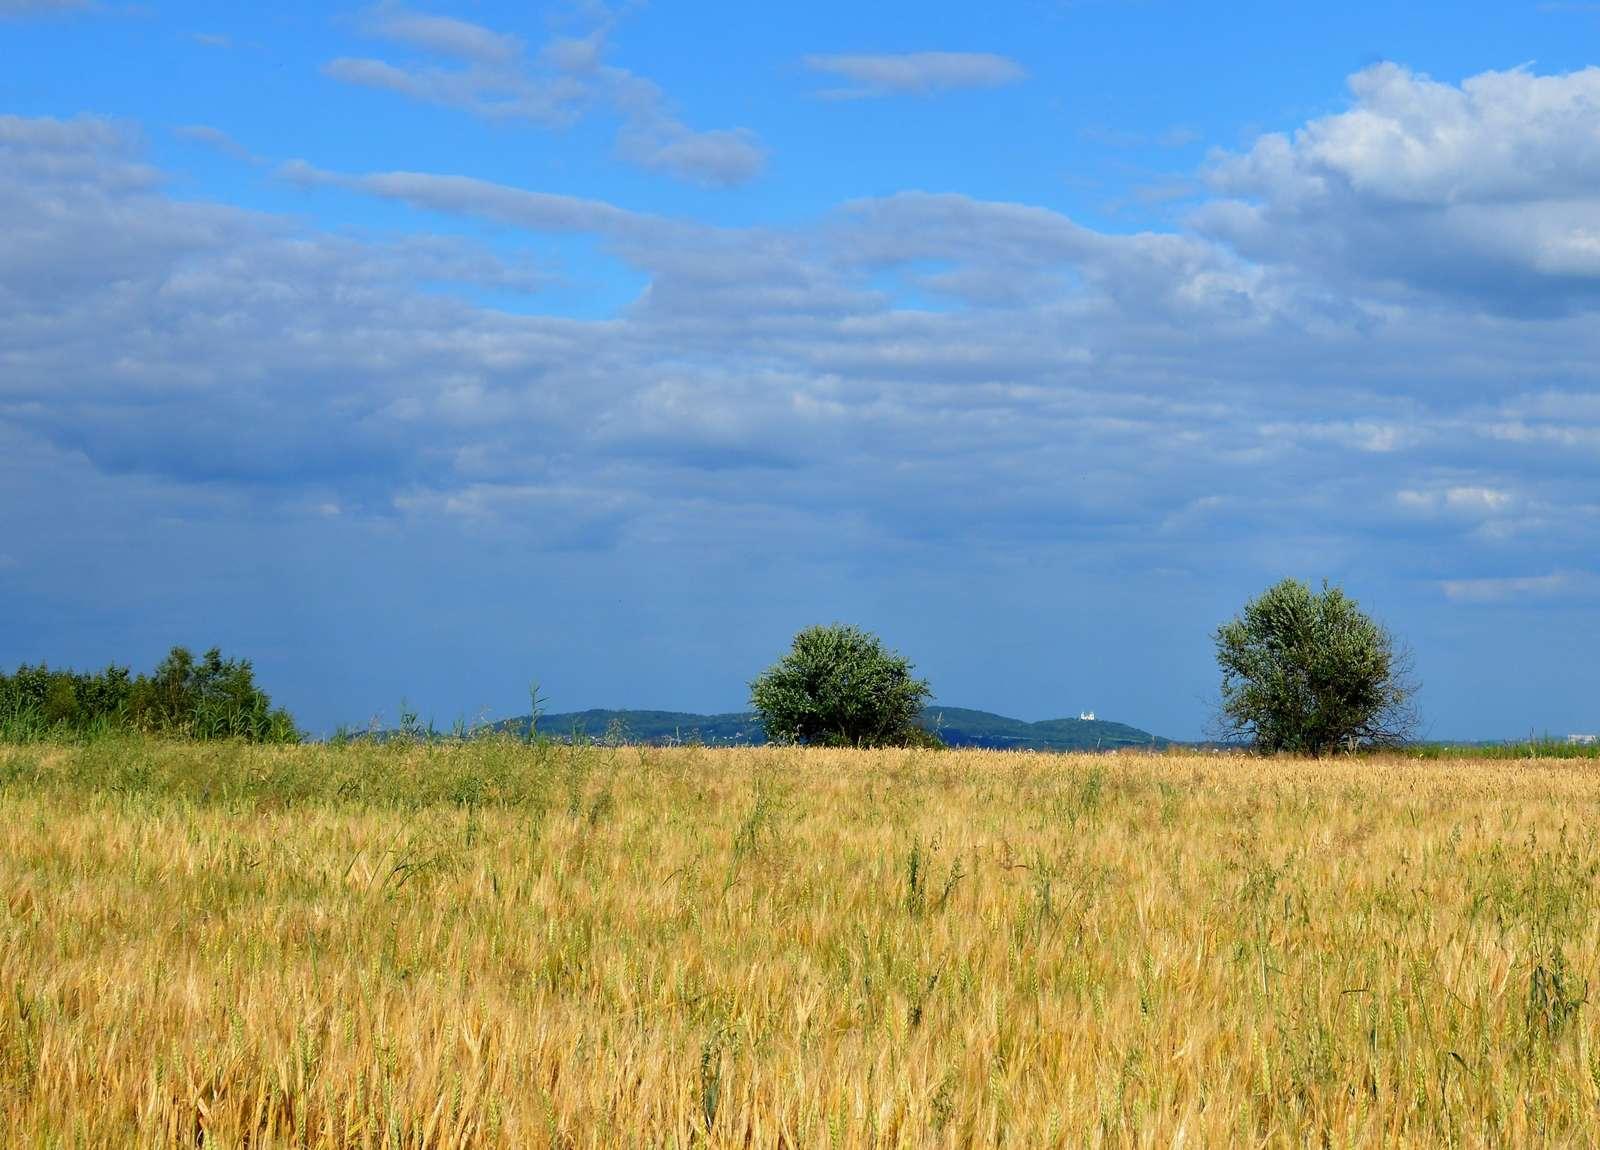 Teljes nyár Rybnában - Champs jaunes, ciel bleu et à l'horizon (7×6)